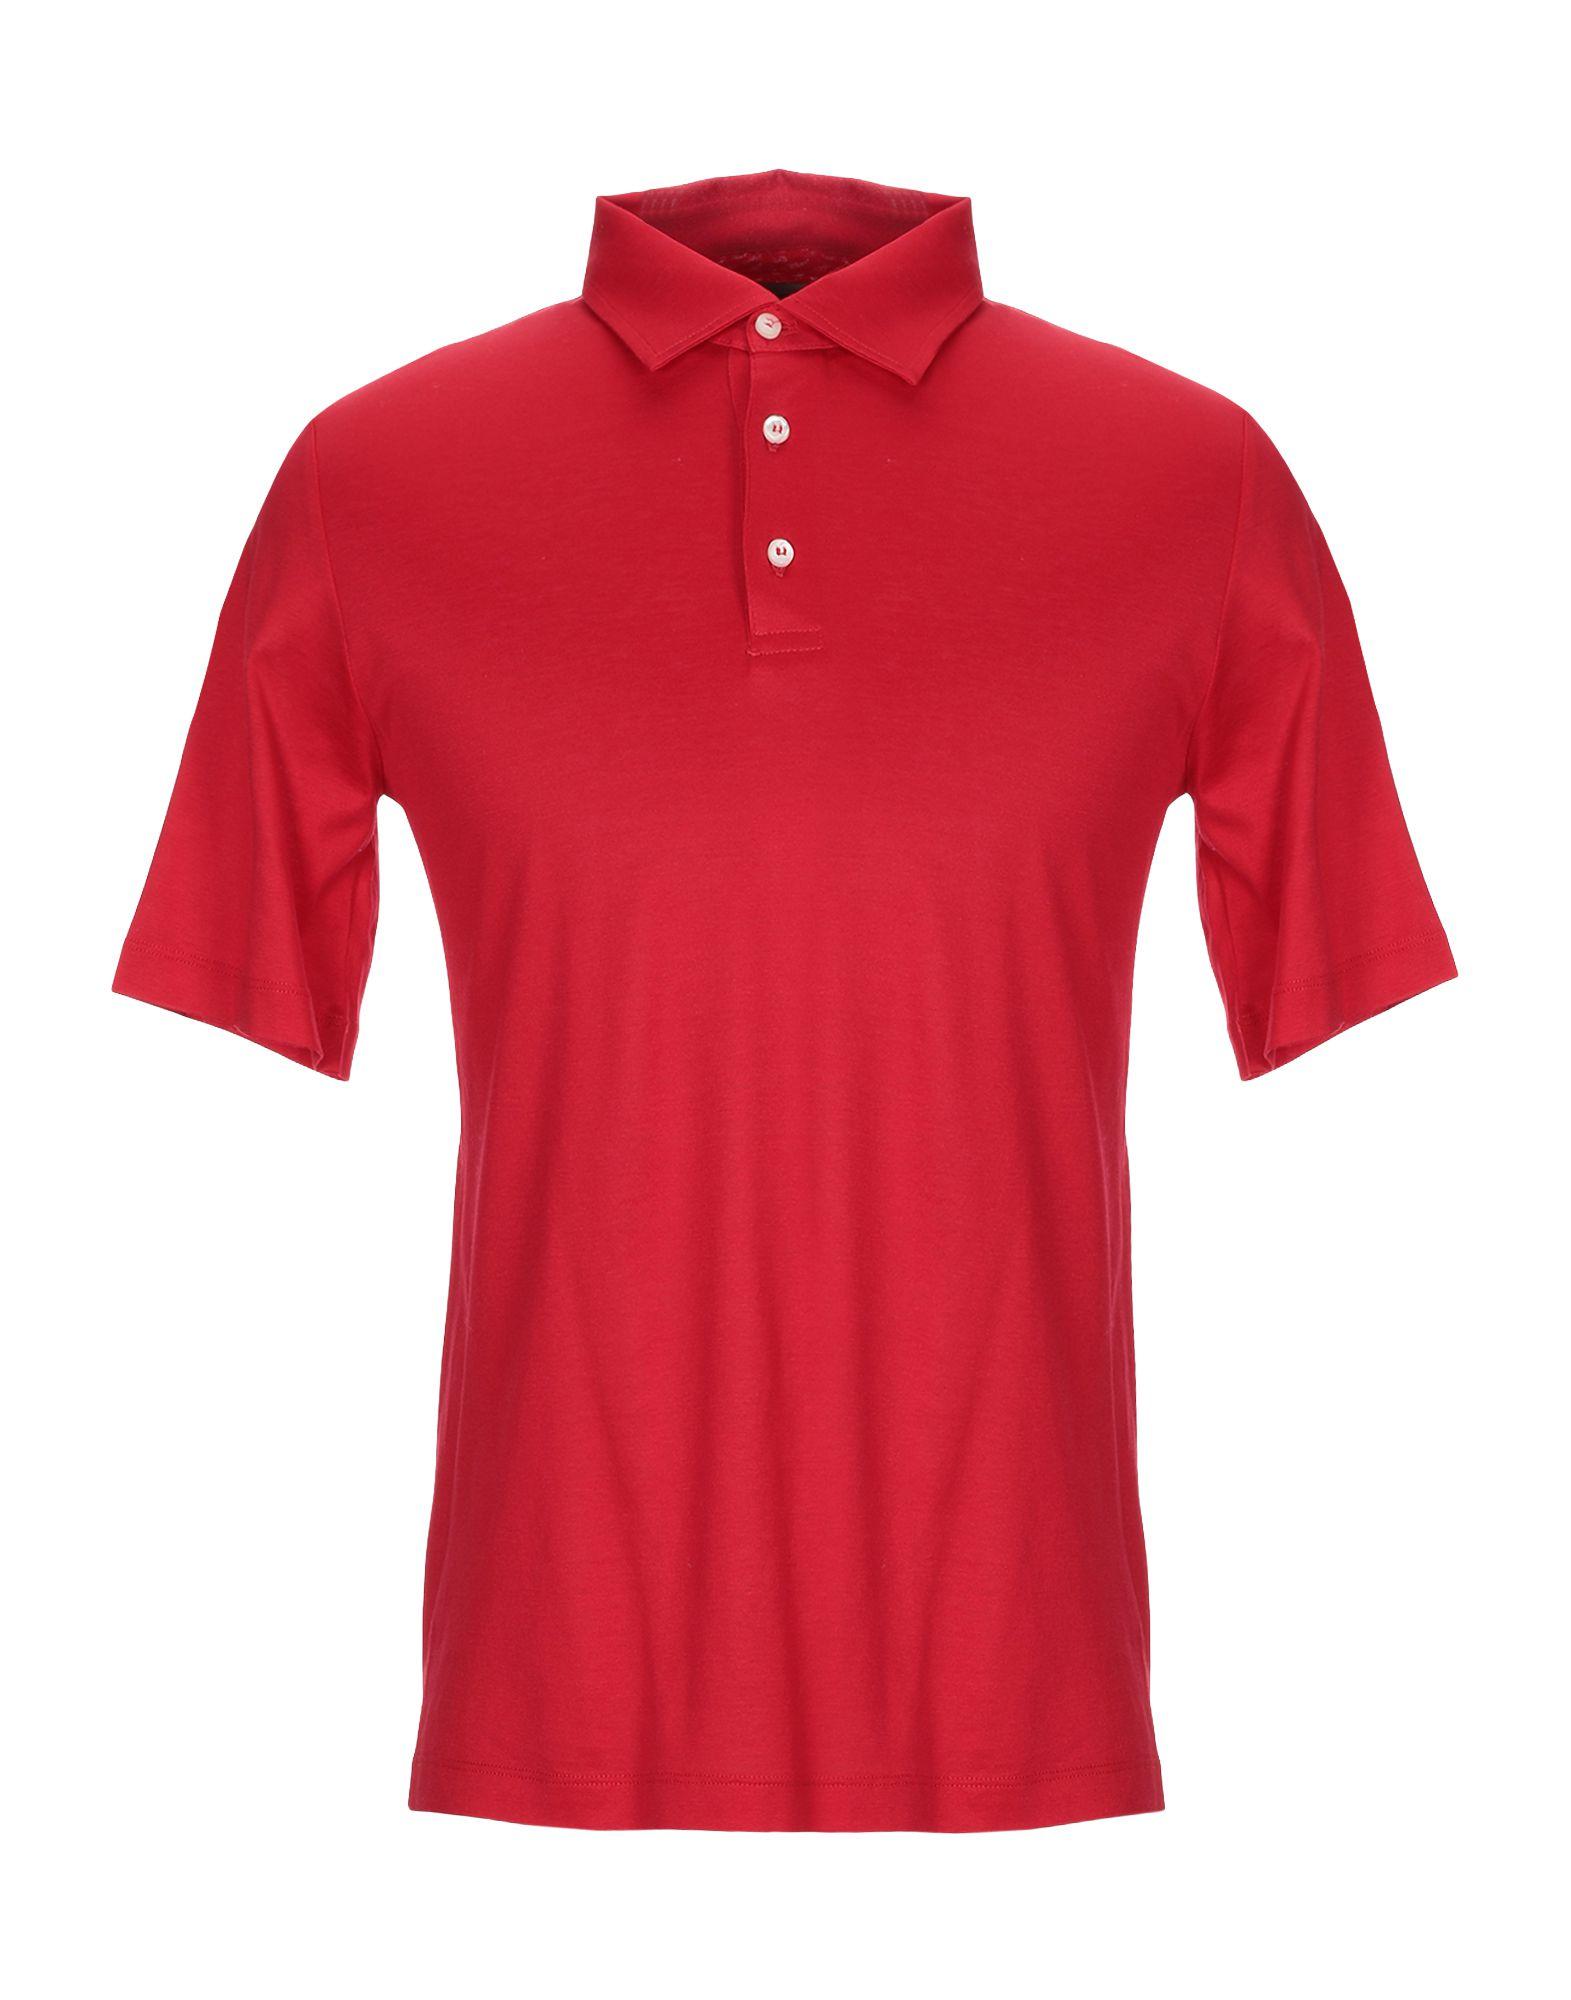 《送料無料》BALLANTYNE メンズ ポロシャツ レッド S コットン 100%